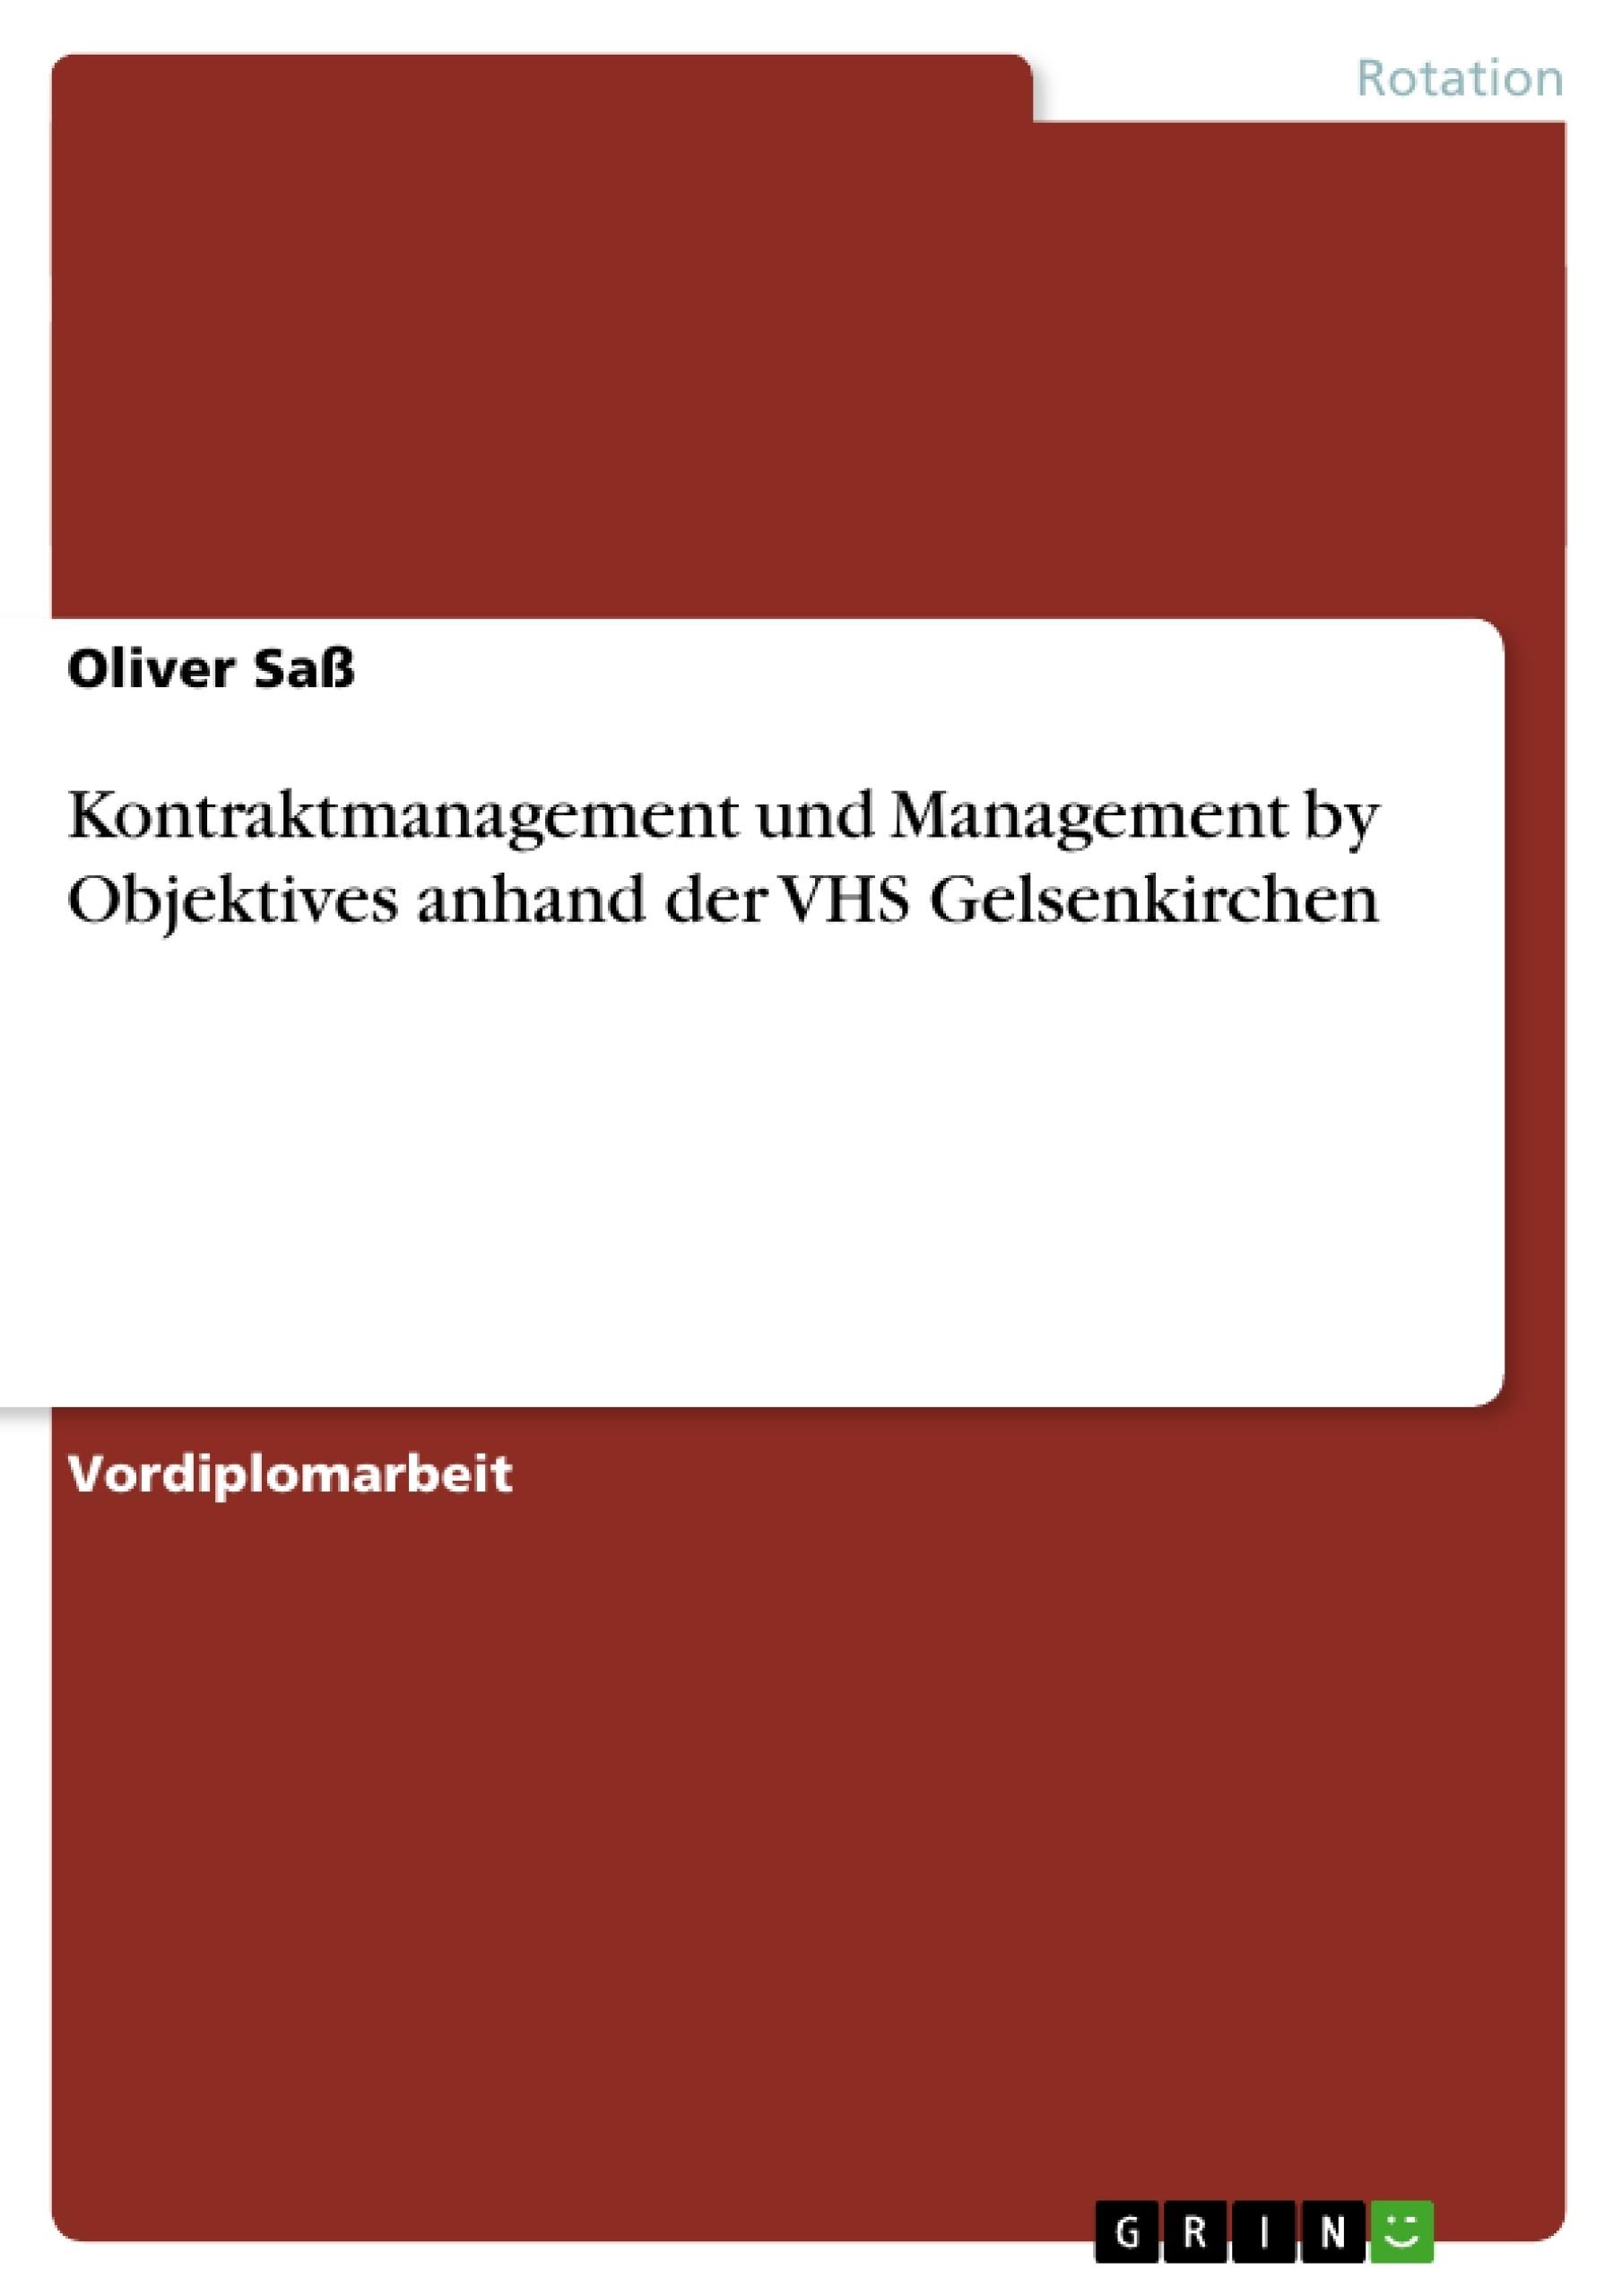 Titel: Kontraktmanagement und Management by Objektives anhand der VHS Gelsenkirchen